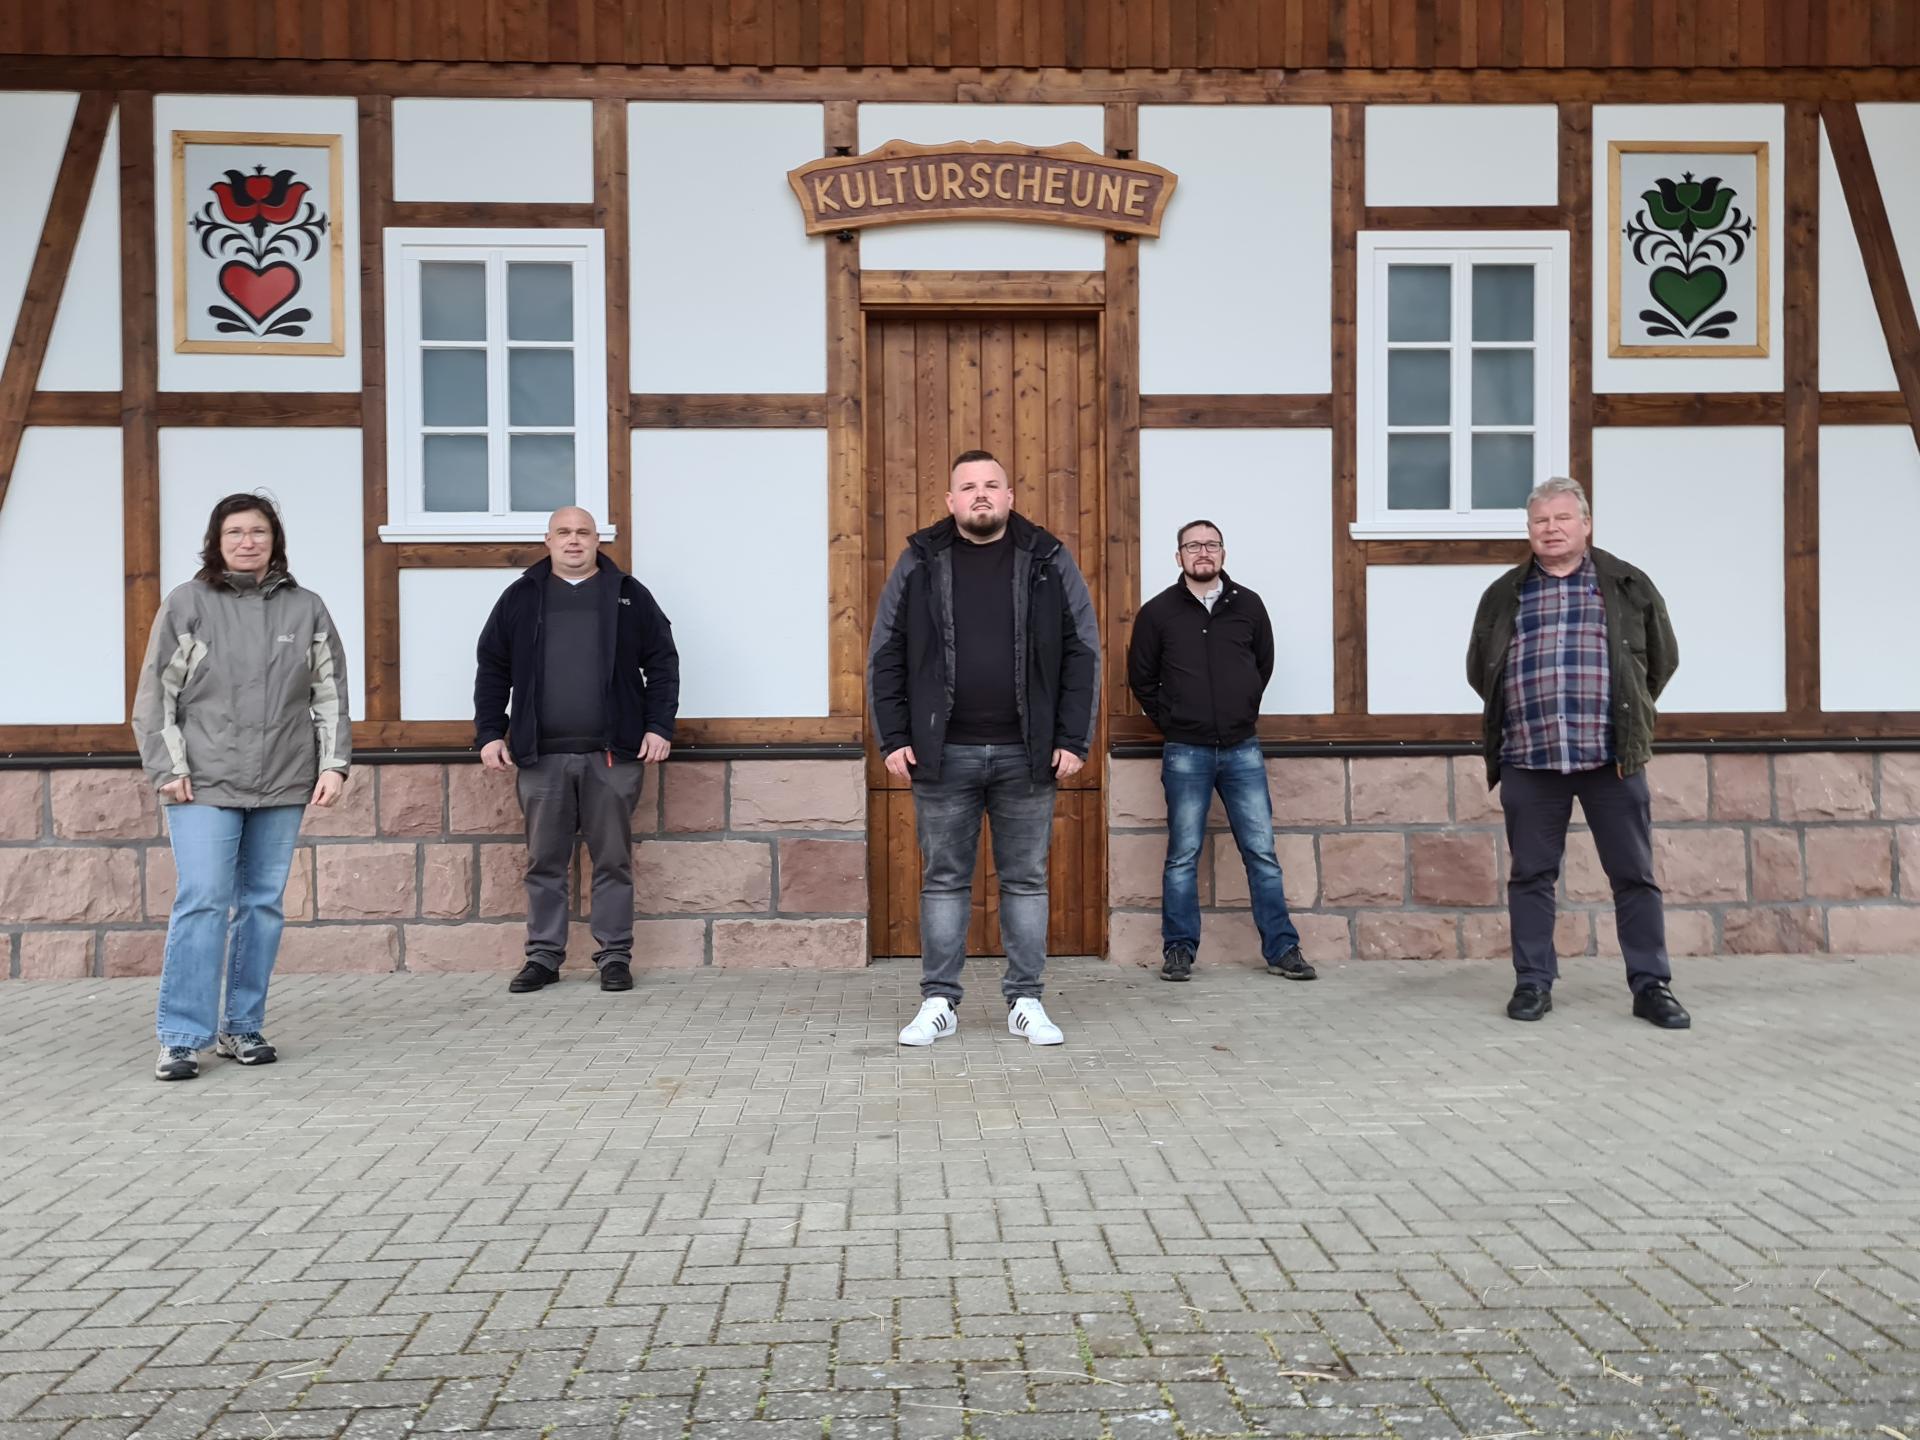 v.l.: Nicole Diehl, Karol Steinacker, Ortsvorsteher Tobias Mattern, Matthias Worm, Bernd Reiner